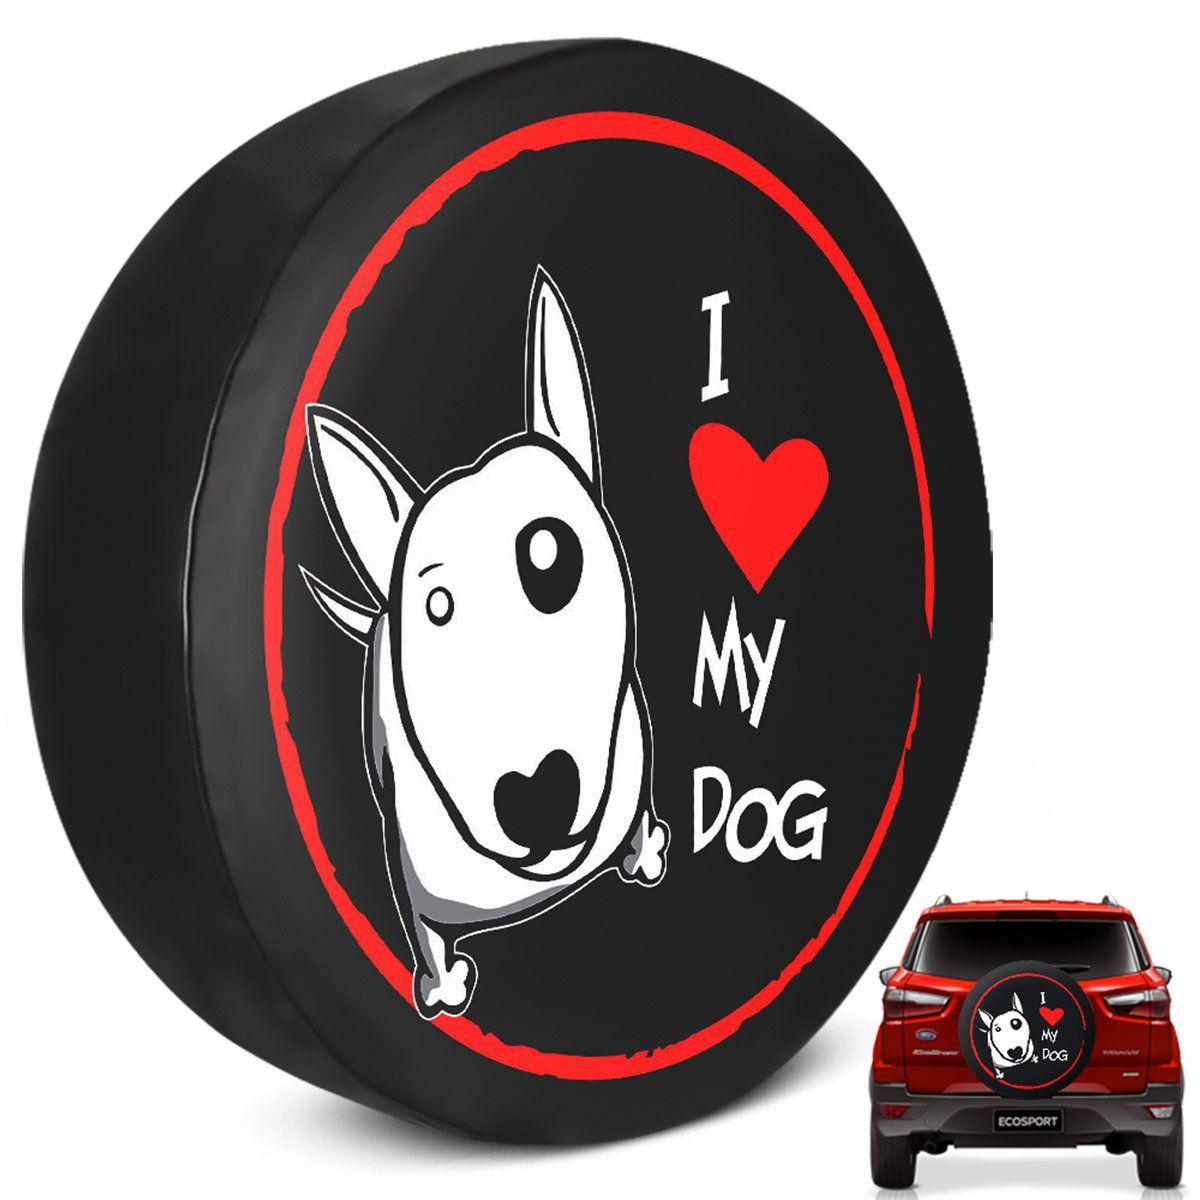 Capa de Estepe Ecosport 2003 a 2019 Love My Dog Com Cadeado